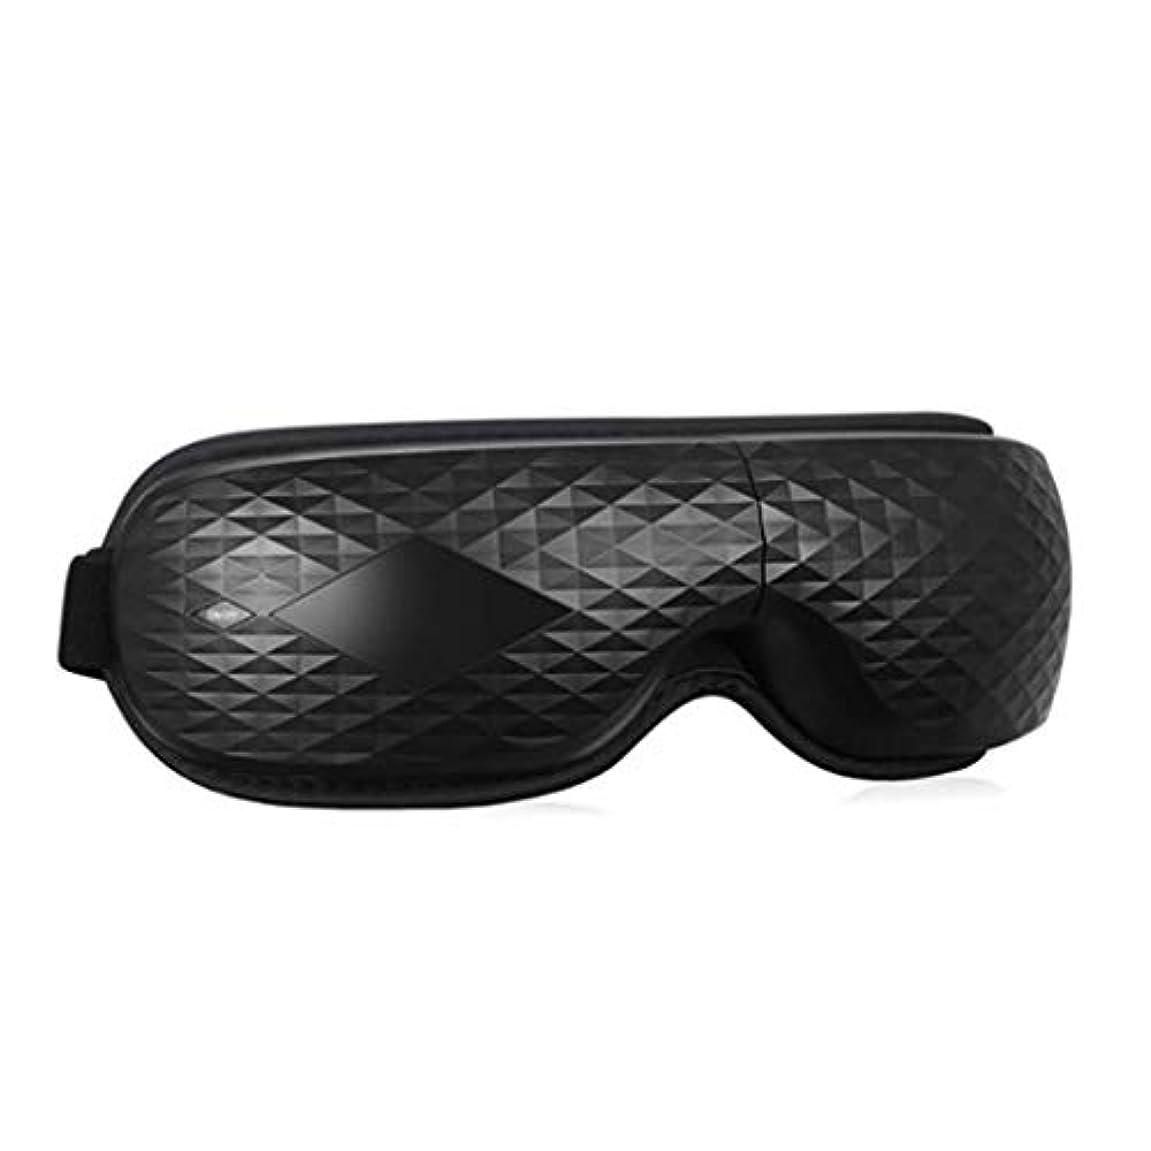 名声毛布ちっちゃいアイマッサージャー、折り畳み式Bluetooth赤外線アイマッサージャー、5つのモードの加熱/振動/空気圧縮と音楽、SPA眼科治療機器、疲労と痛みの軽減、睡眠の促進 (Color : Obsidian)